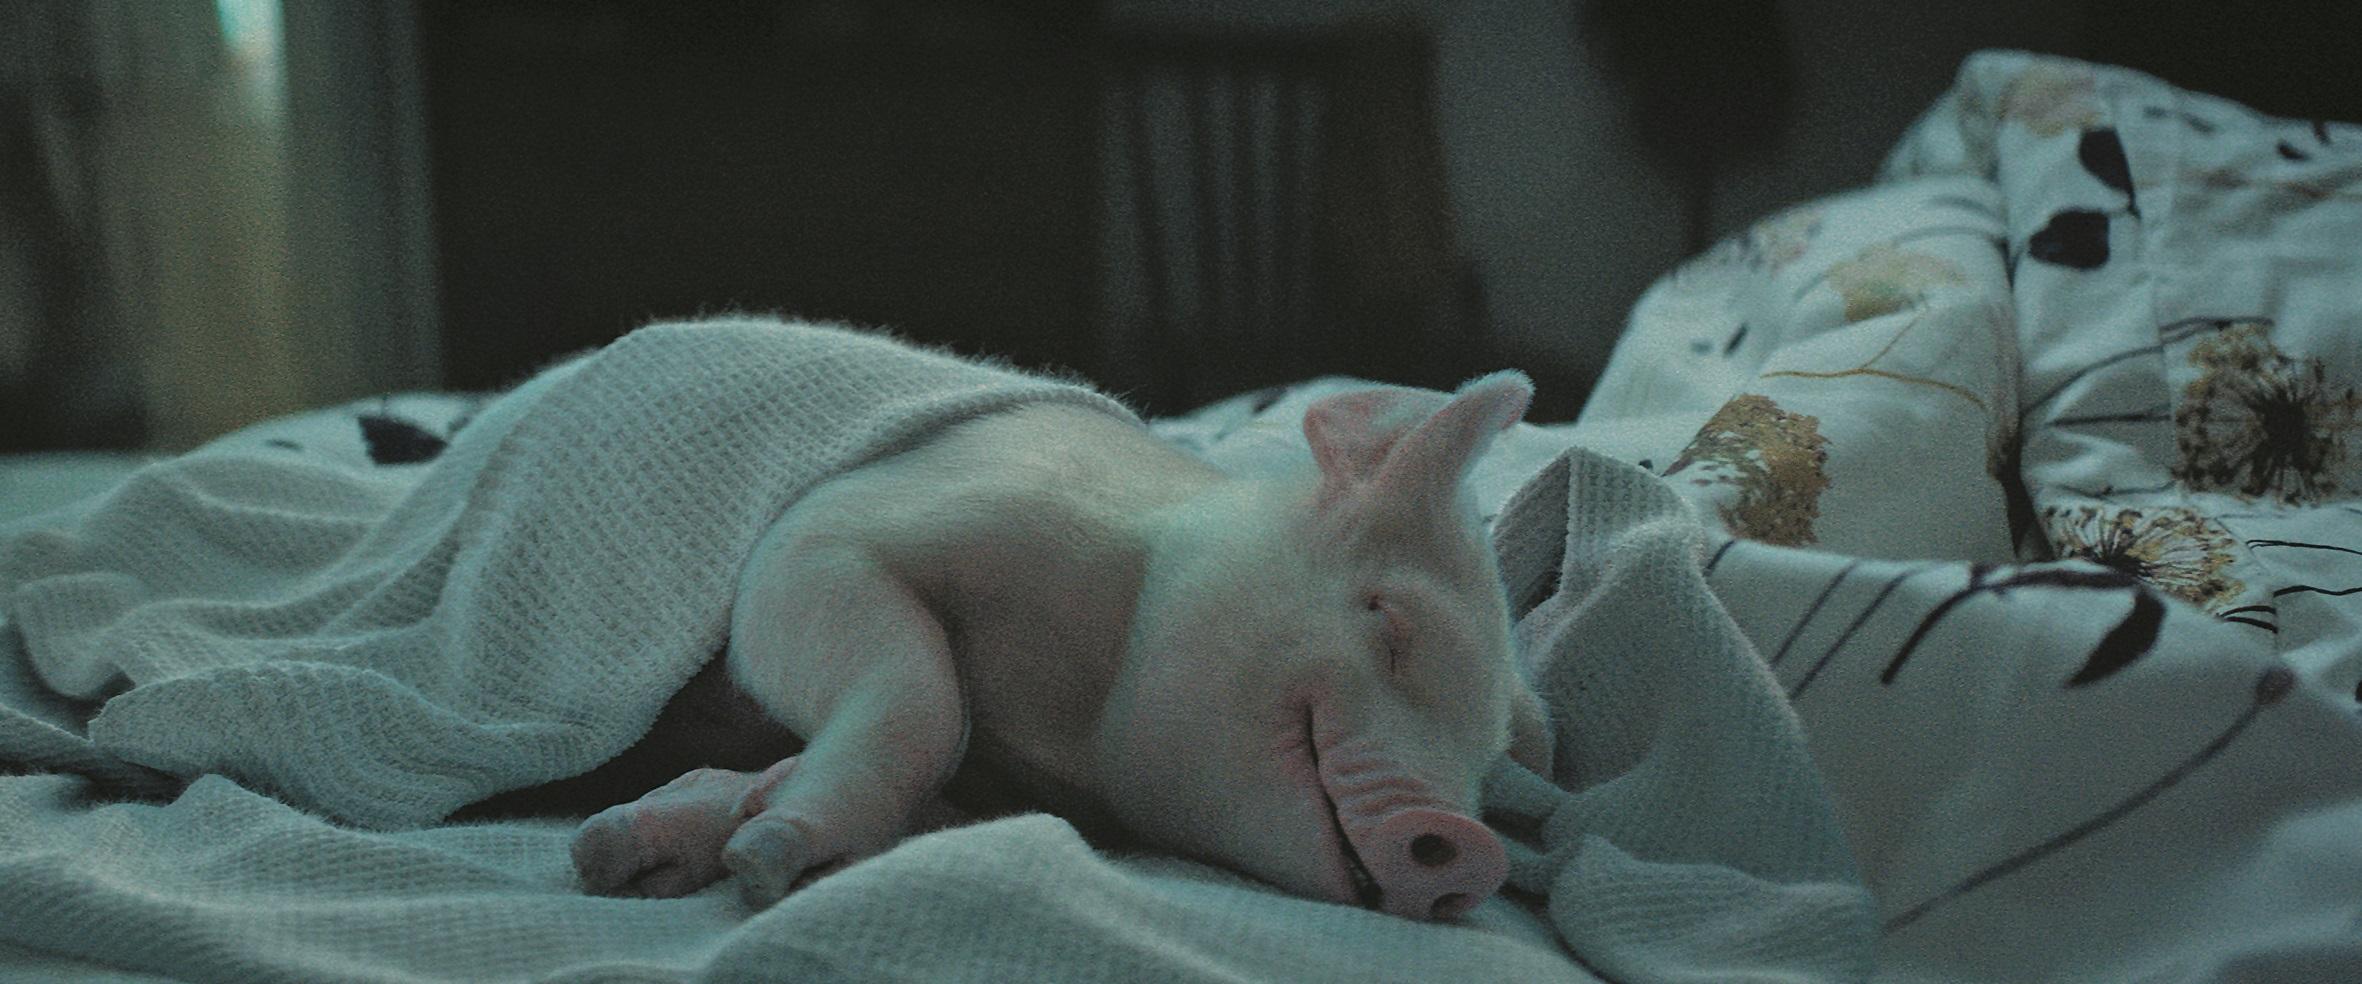 Alle Plates wurden real gefilmt. Nur vereinzelte Elemente, die mit dem Schwein interagieren, wie zum Beispiel diese Decke, kreierte Mackevision Full-CG.